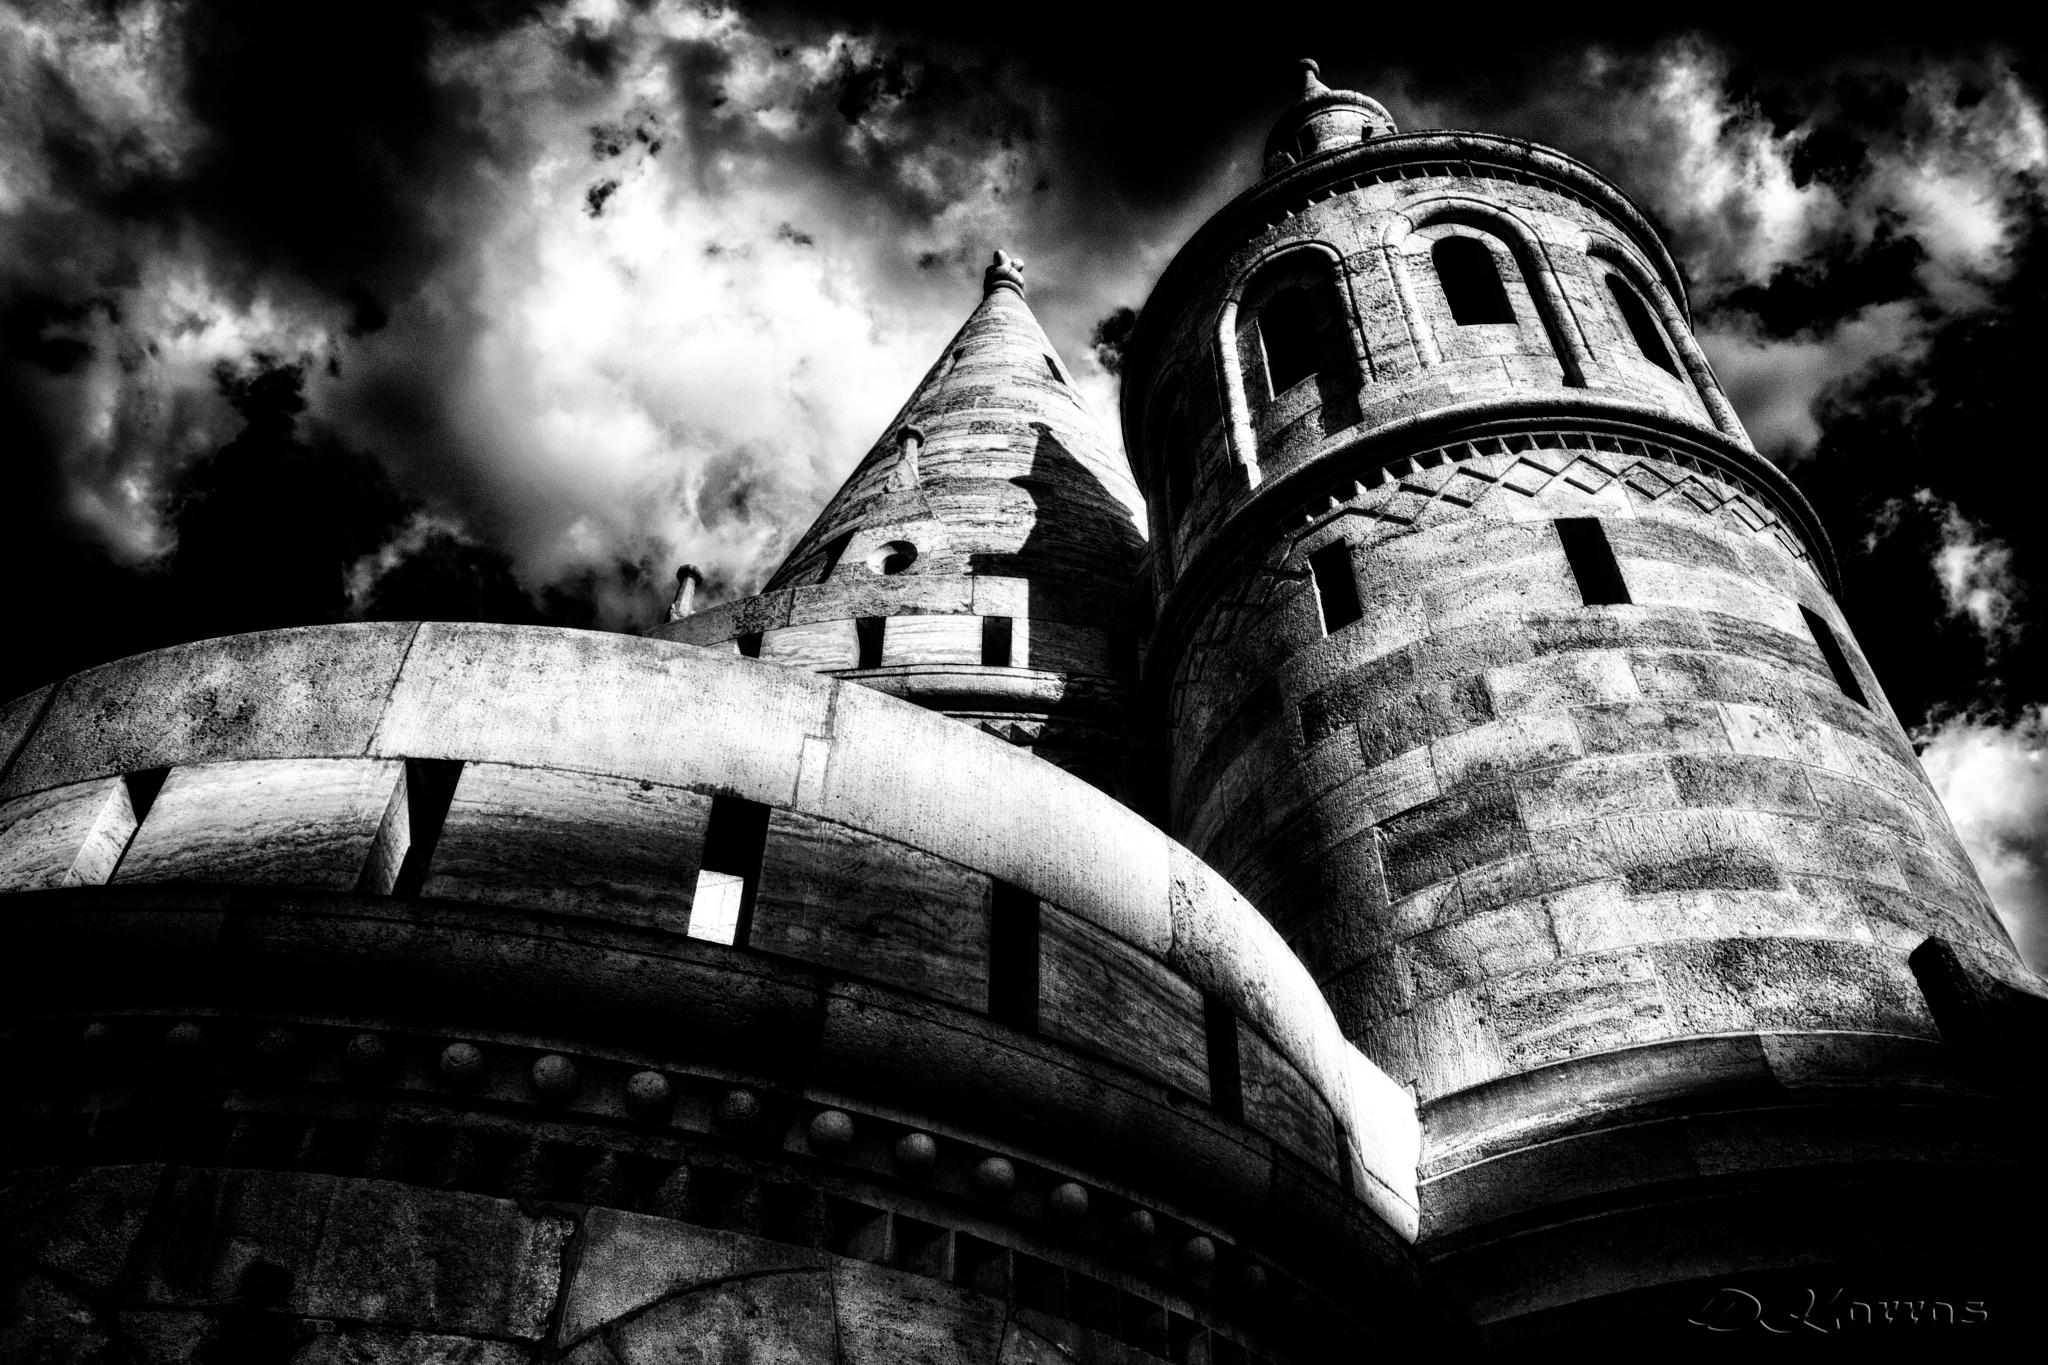 Castle by Dimitris Karras